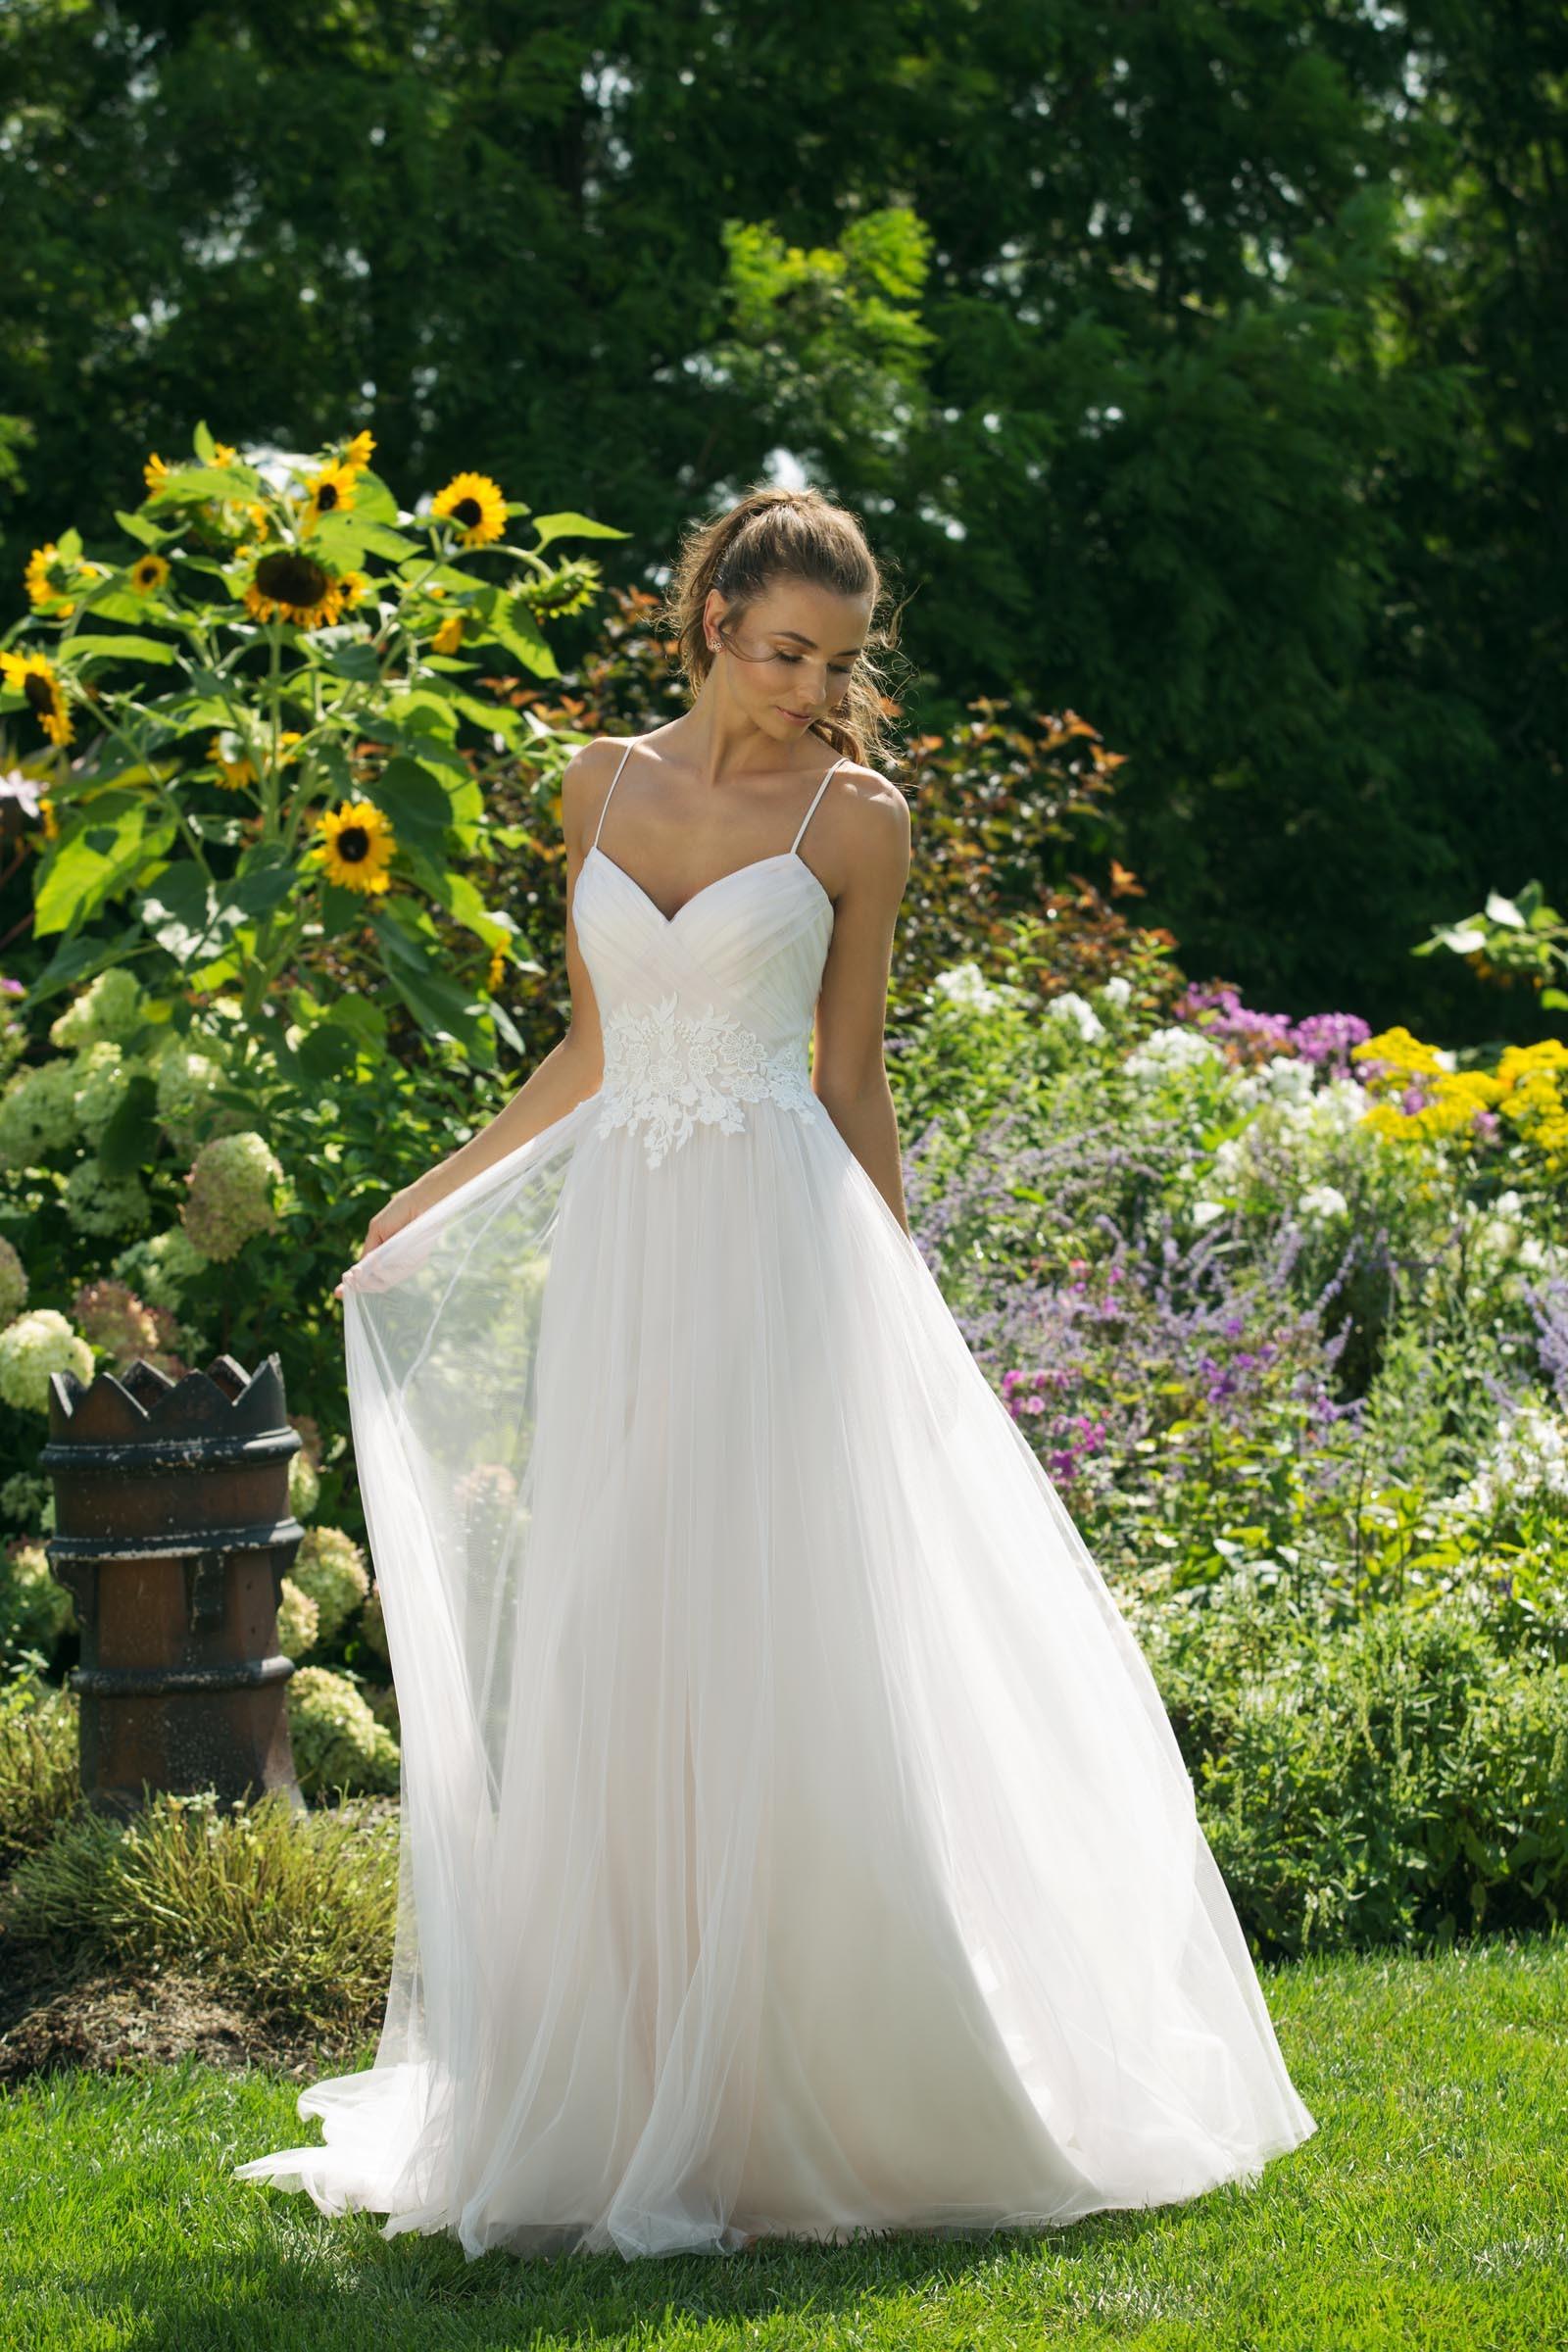 Brautkleid im Prinzessschnitt mit Spitze, Ausschnitt in Herzform und Spaghettiträgern von Sweetheart, Modell 11019